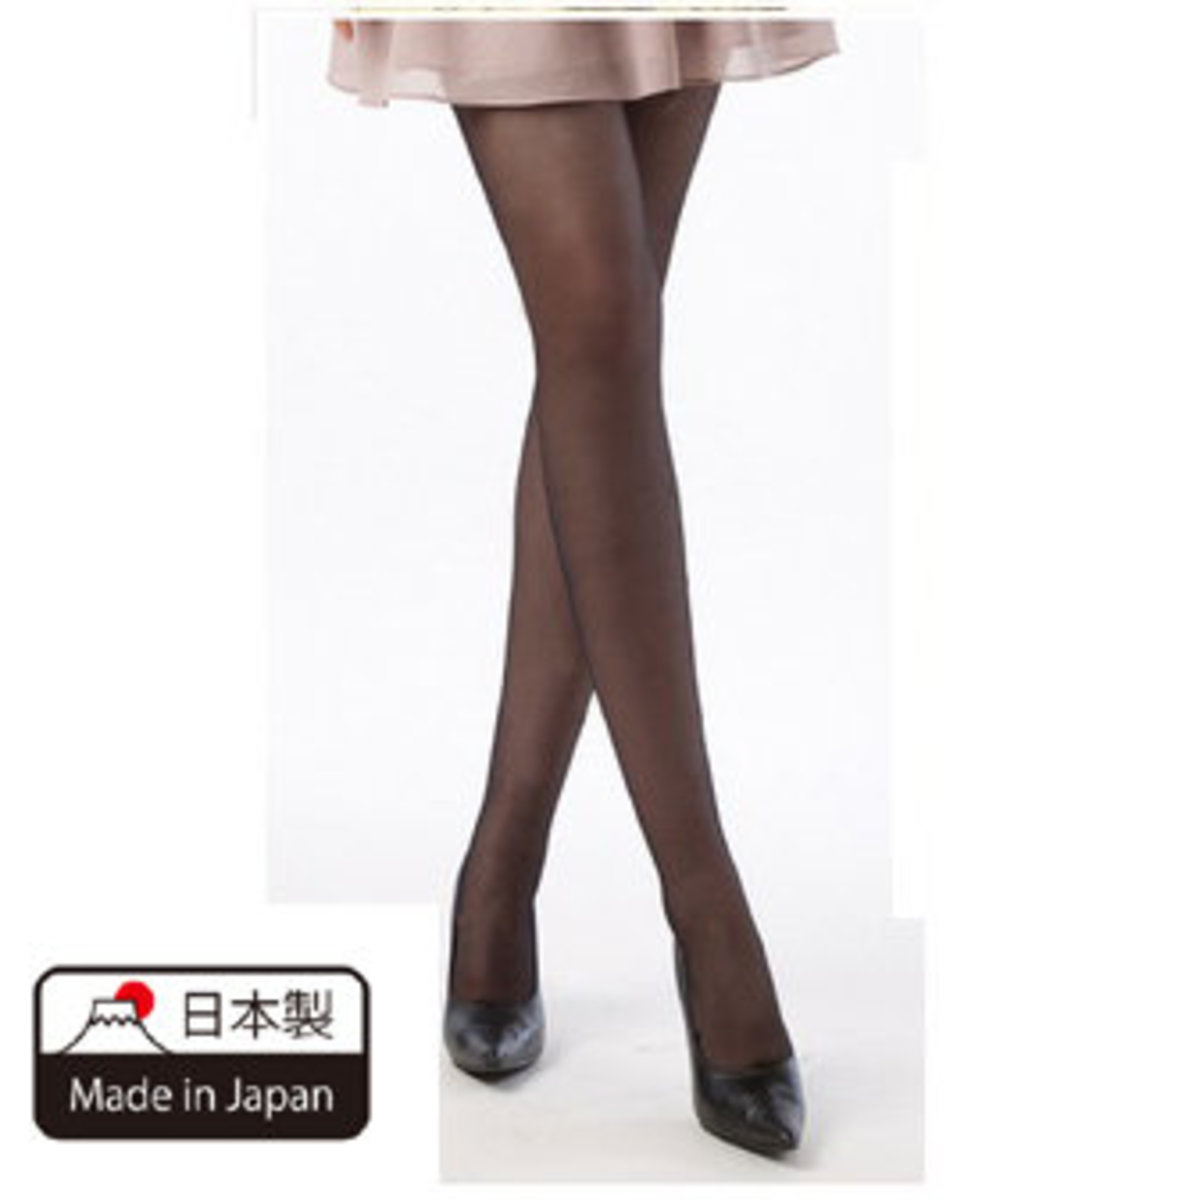 日本制防鈎絲襪褲 (黑色) Size : L-LL 抗菌抗UV防靜電